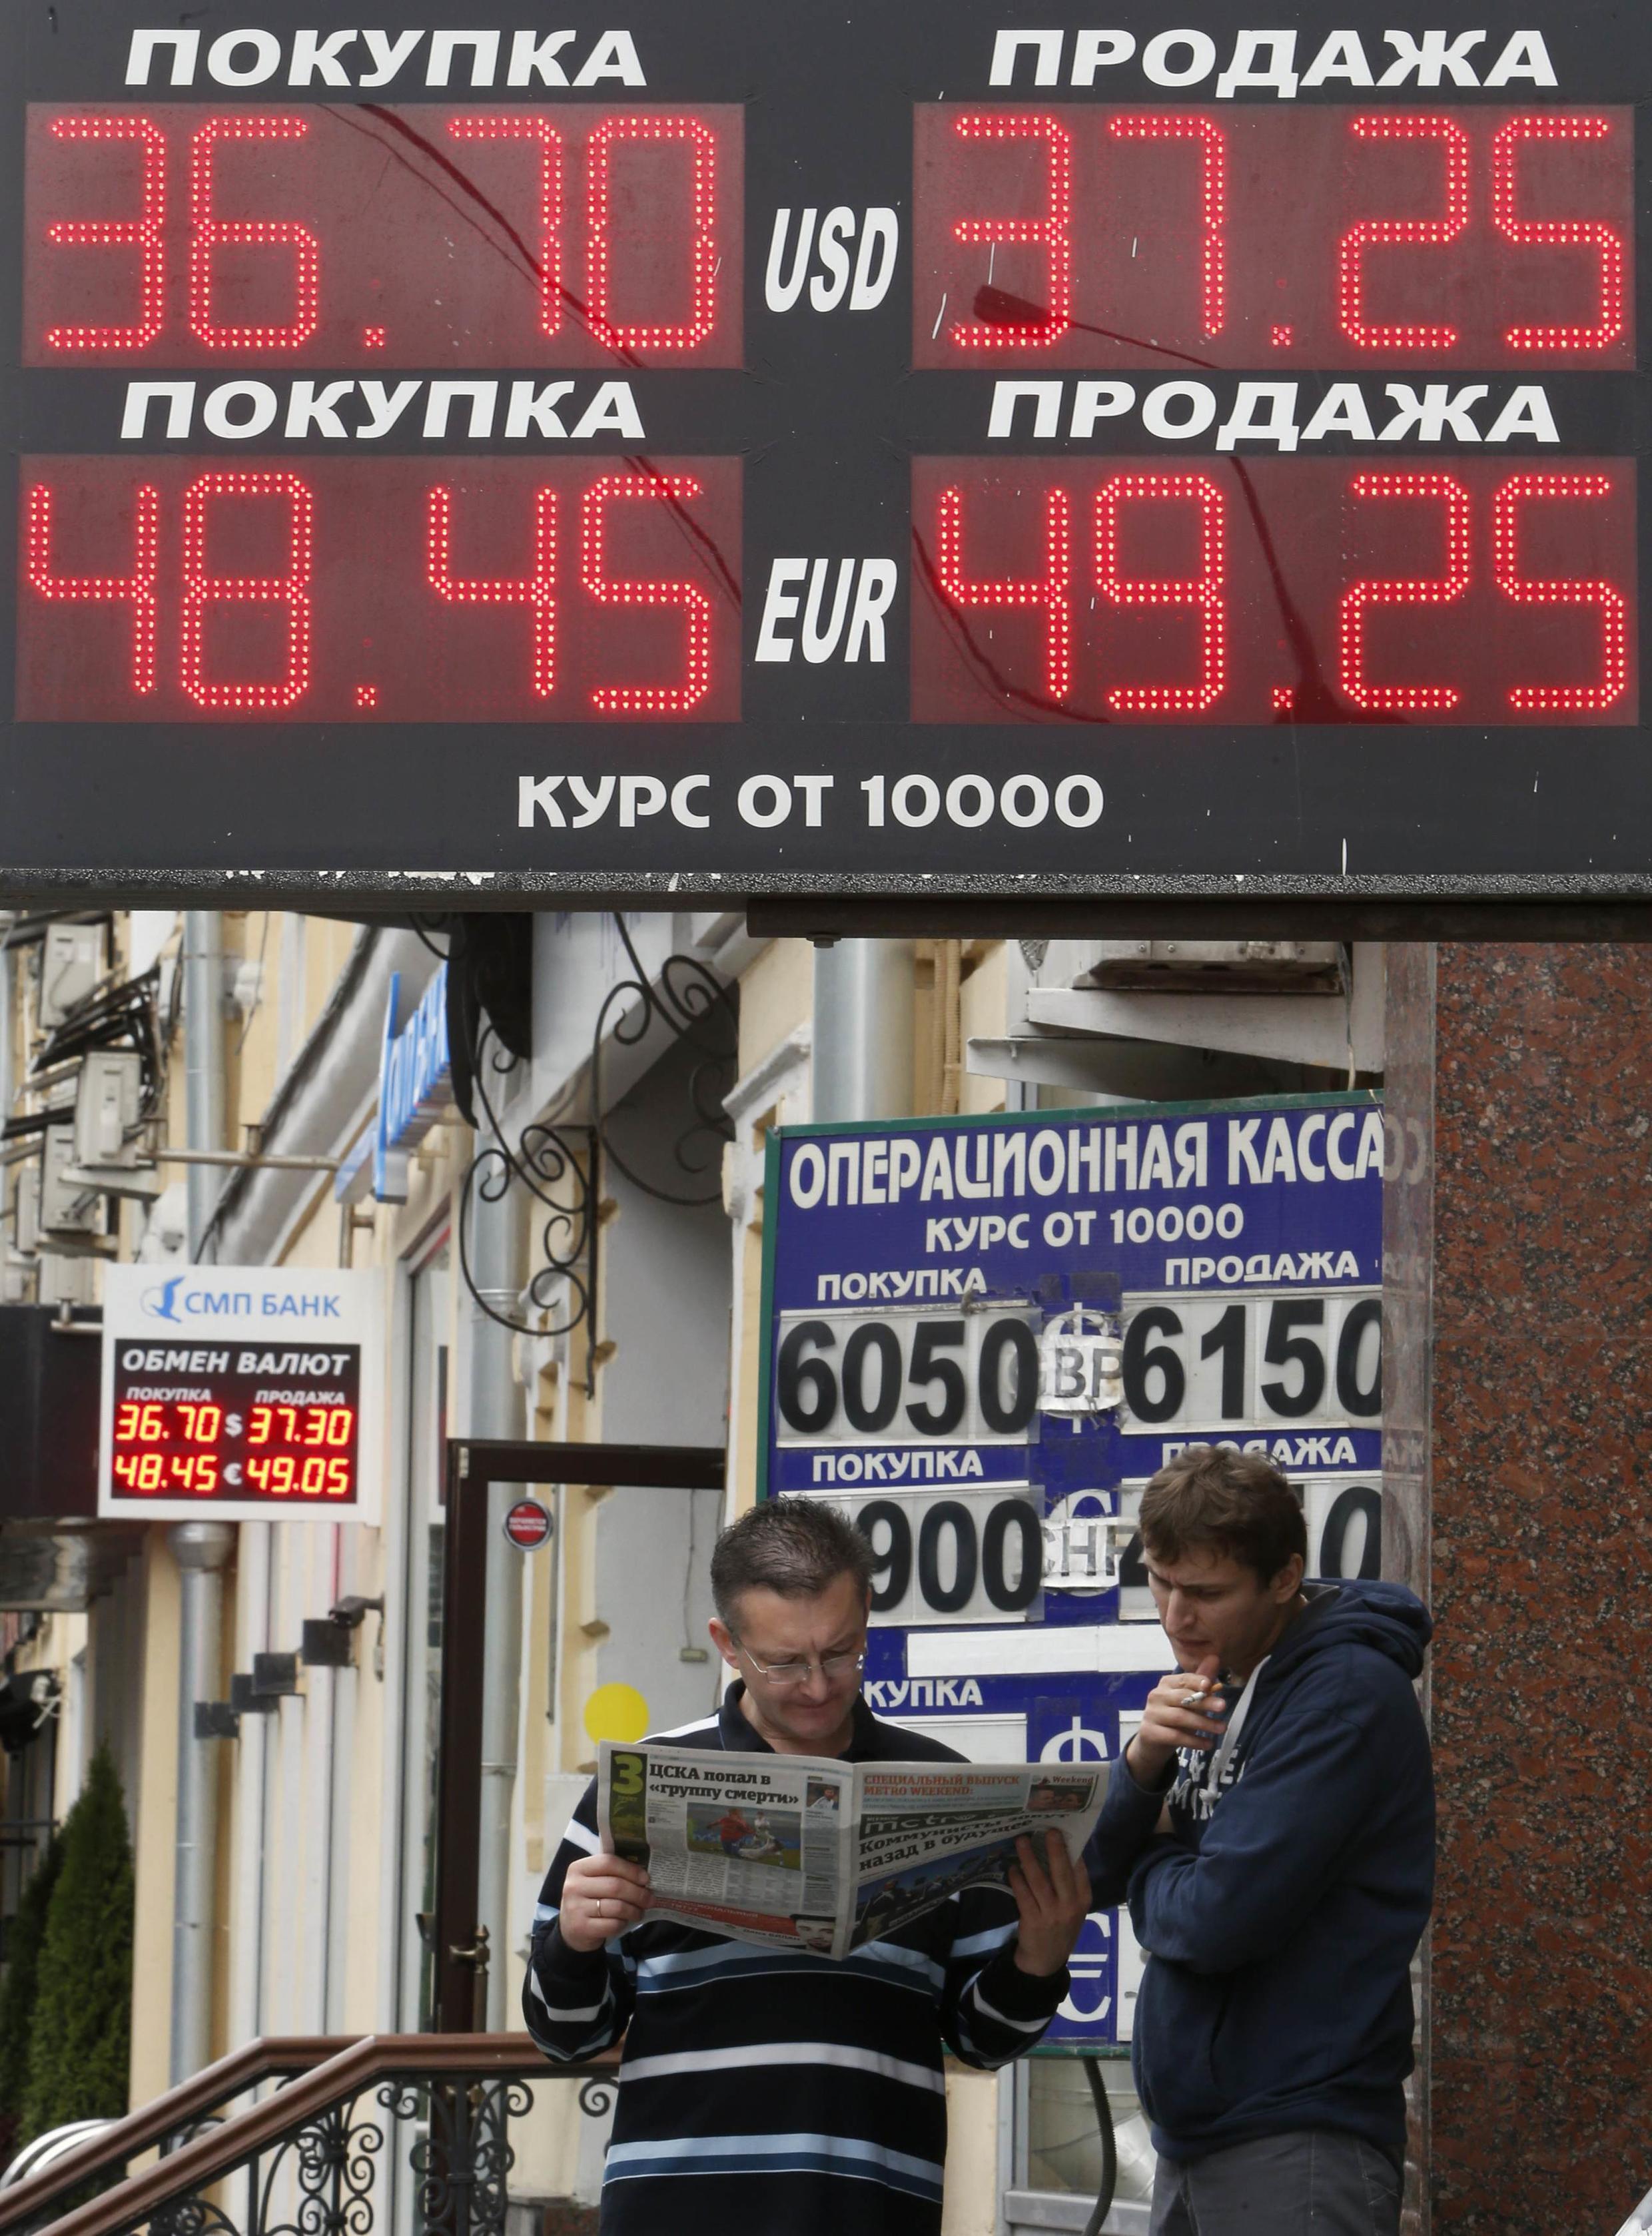 As novas sanções econômicas da União Europeia (UE) contra a Rússia foram adotadas nesta quinta-feira.